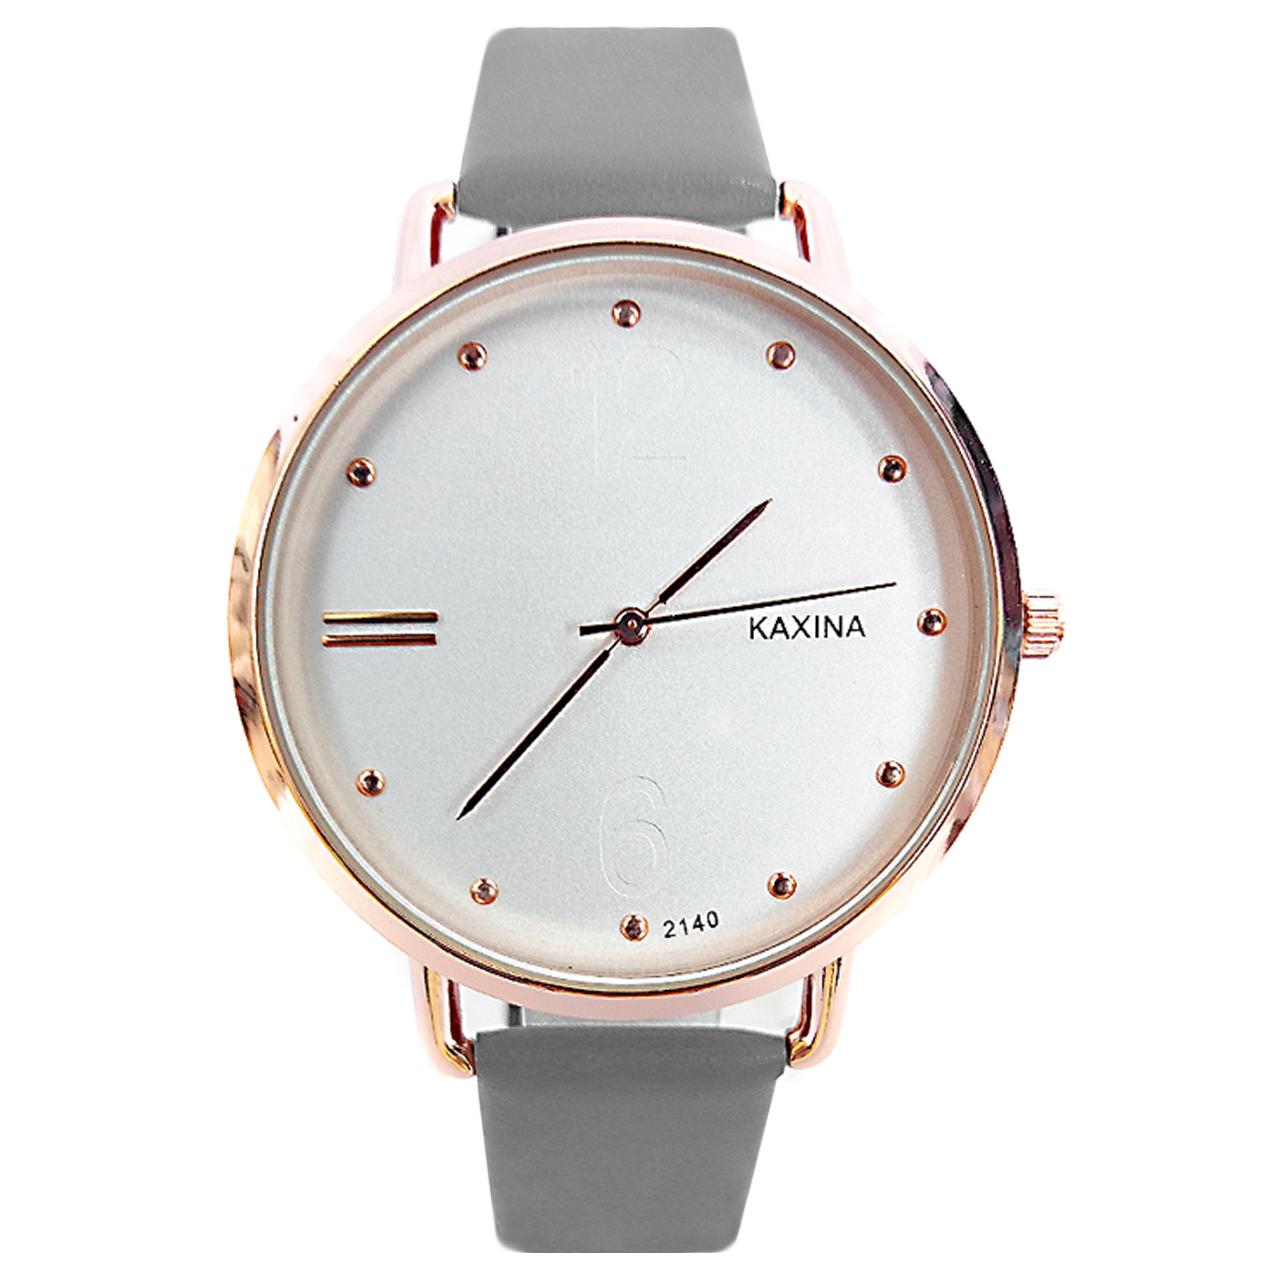 ساعت مچی عقربه ای کاکسینا مدل 2145 5